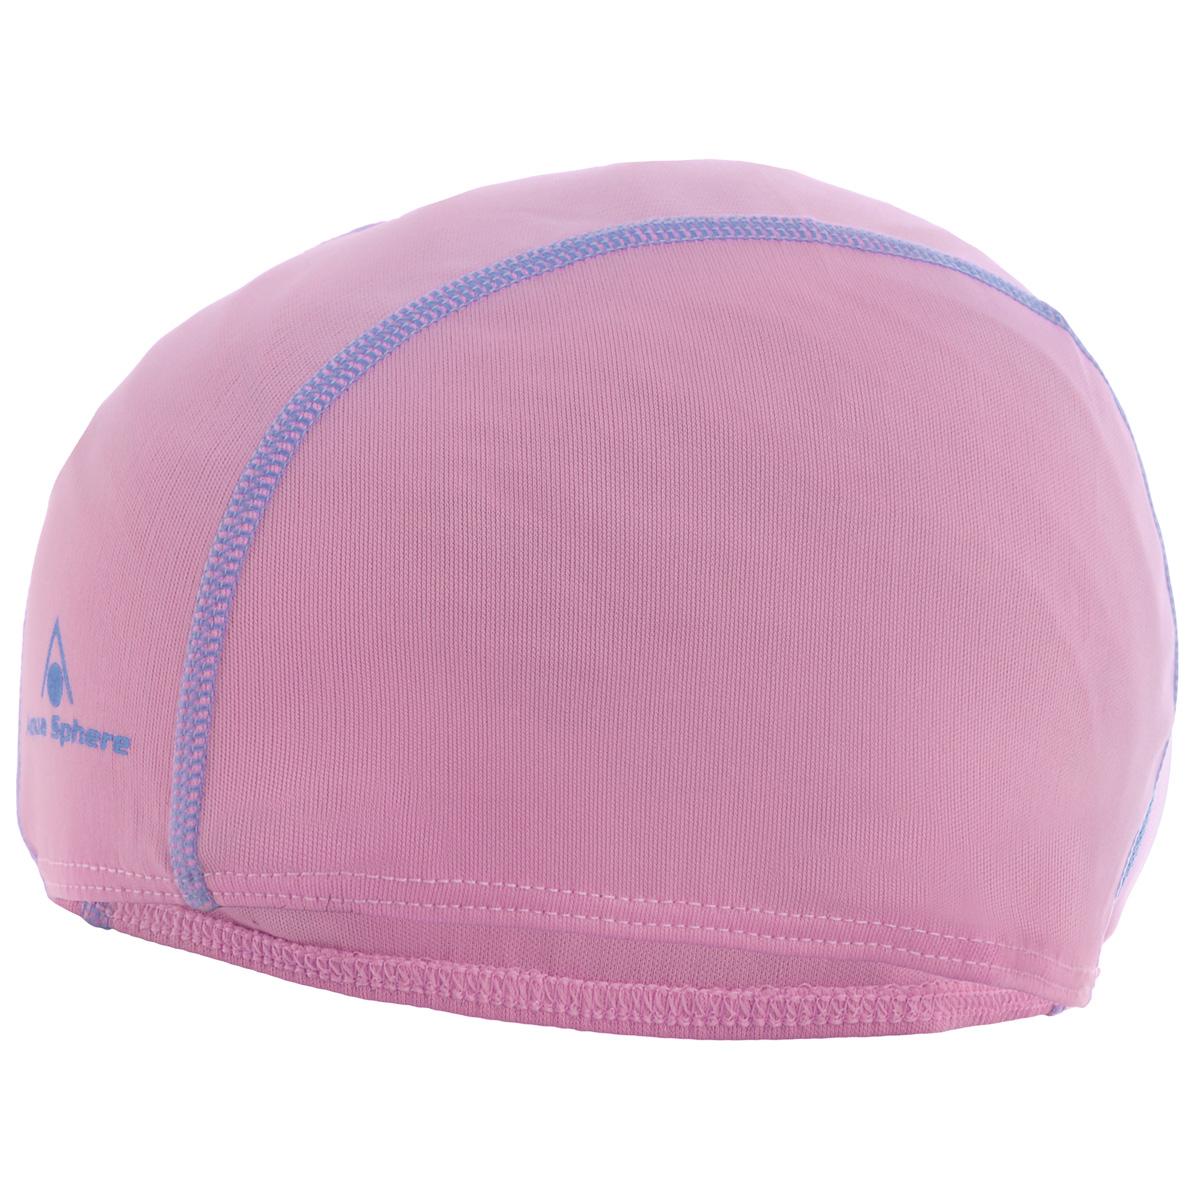 Шапочка для плавания Aqua Sphere Easy Cap, детская, цвет: розовыйSP 946055 PДетская шапочка для плавания Aqua Sphere Easy Cap традиционной формы изготовлена из высококачественного прочного полиэстера. Материал делает ее легкой и суперэластичной.